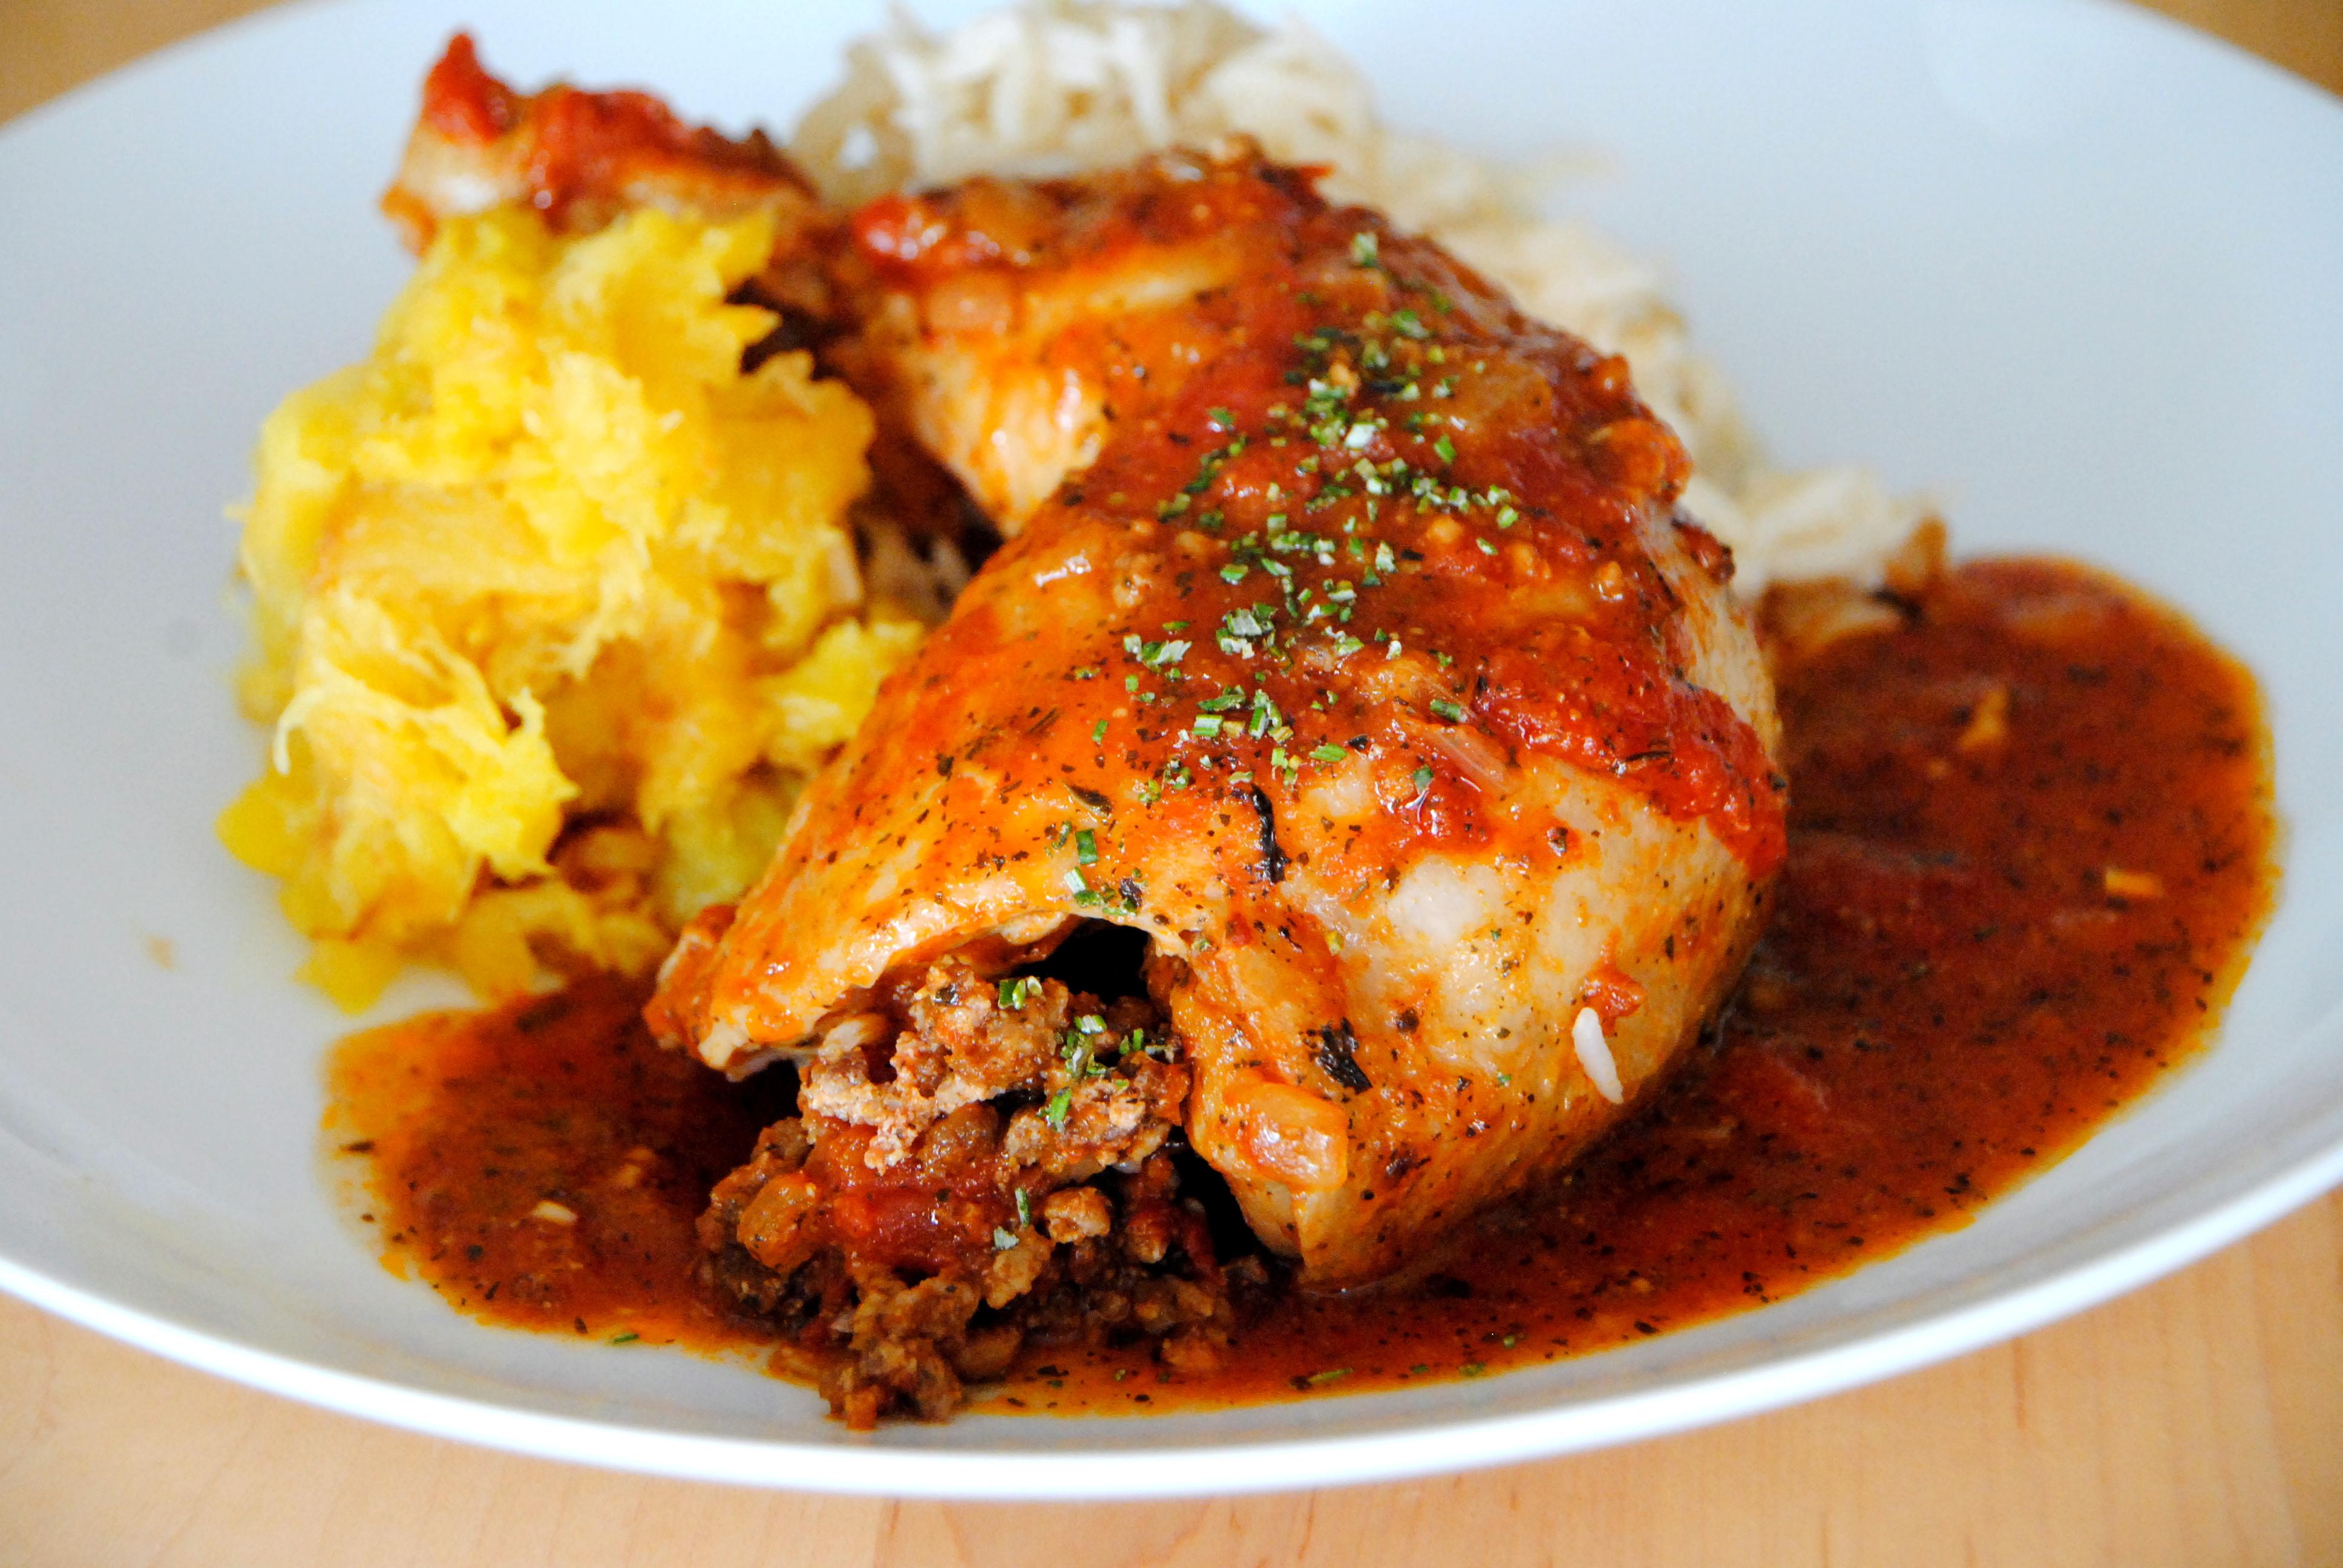 Jaj ma'a hashwa Nov 6, 2012 3-029